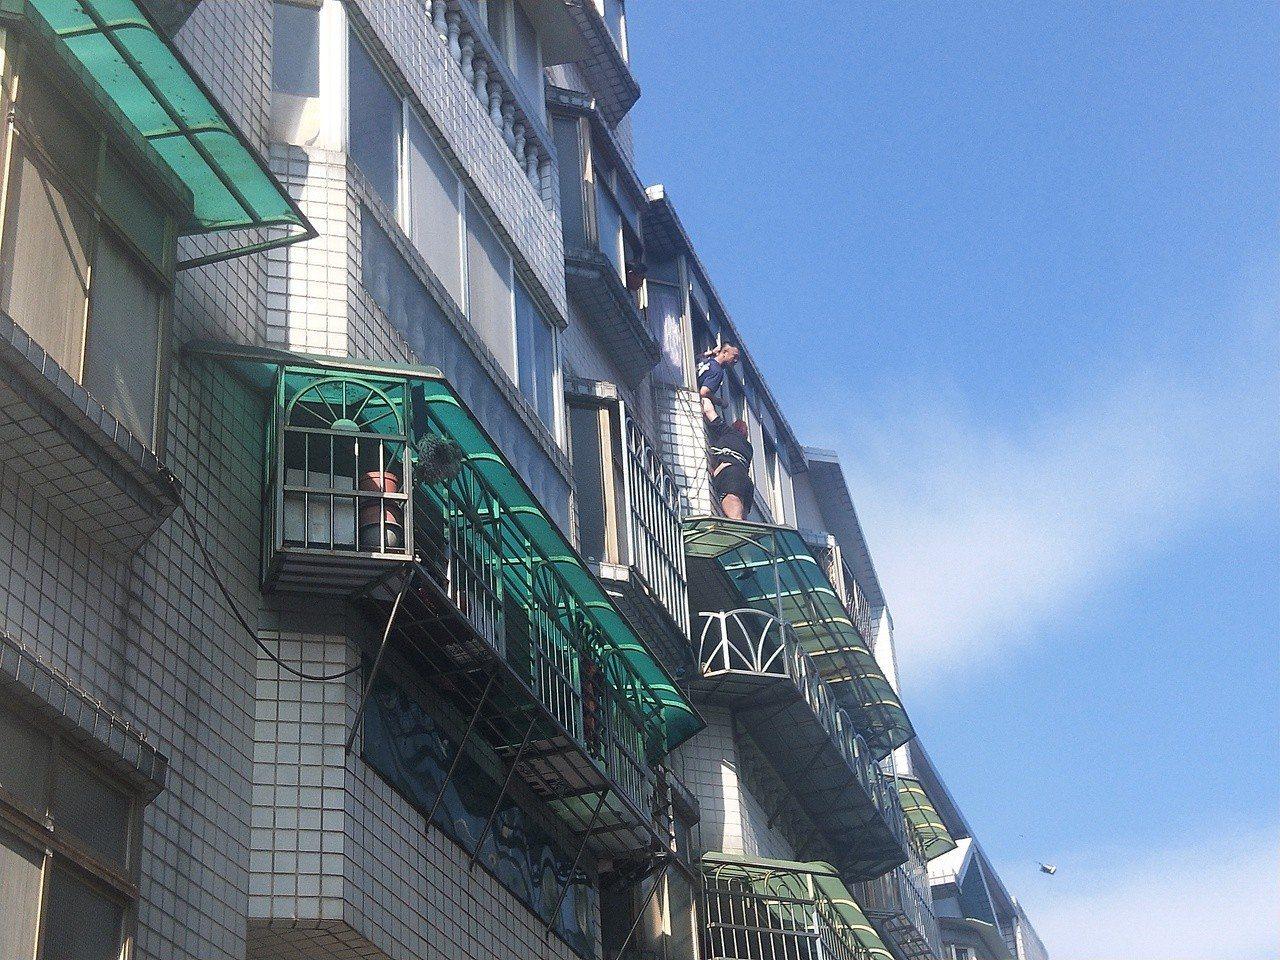 基隆市李姓婦人受困在4樓遮雨棚,消防人員驚險救援。記者游明煌/攝影